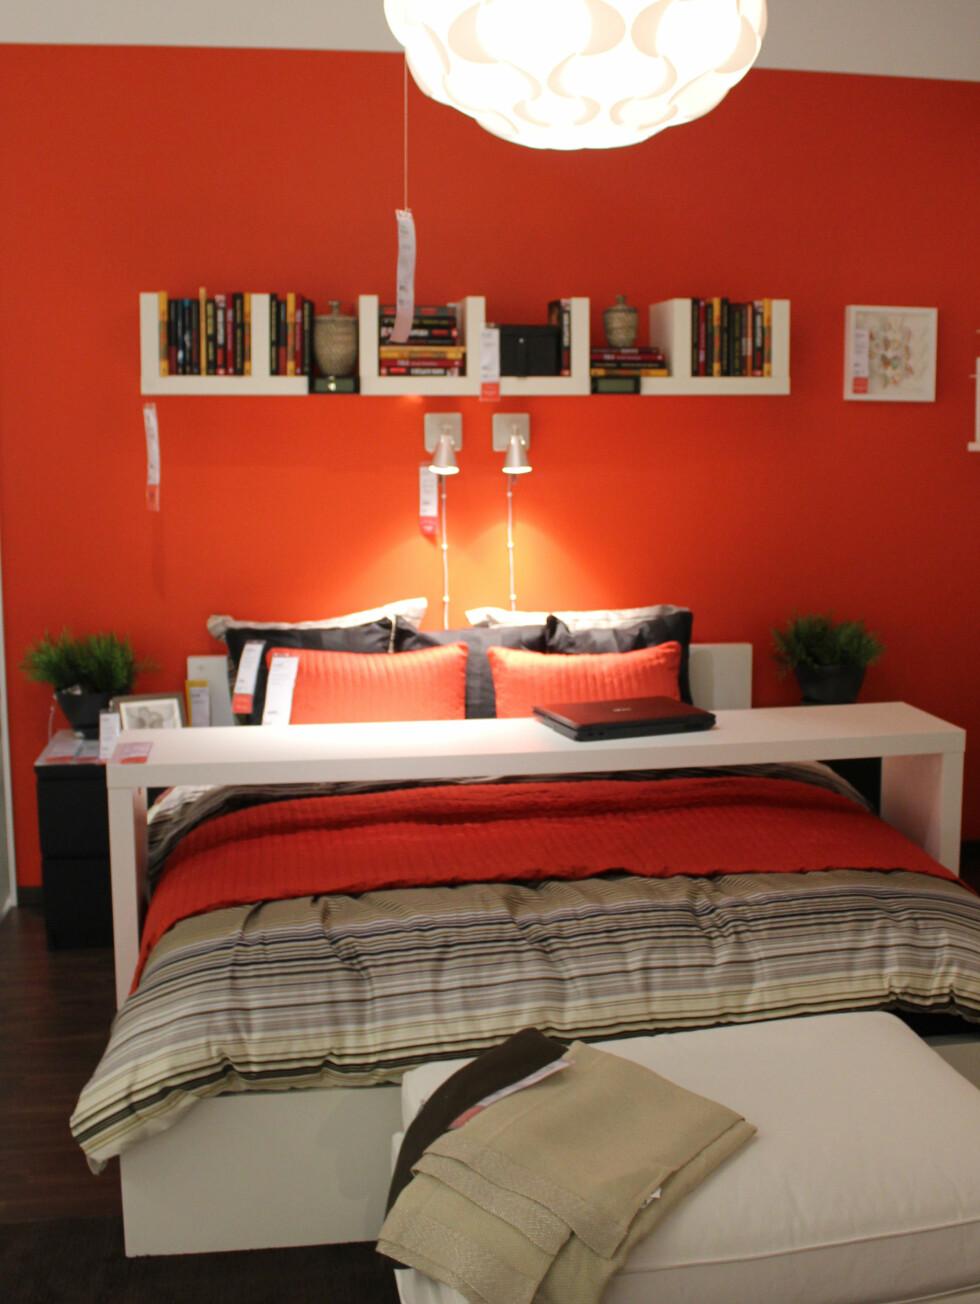 Med prislappen på? Også møbelkjedene lar seg inspirere av hotellrom, her en utstilling på Ikea. Foto: Elisabeth Dalseg